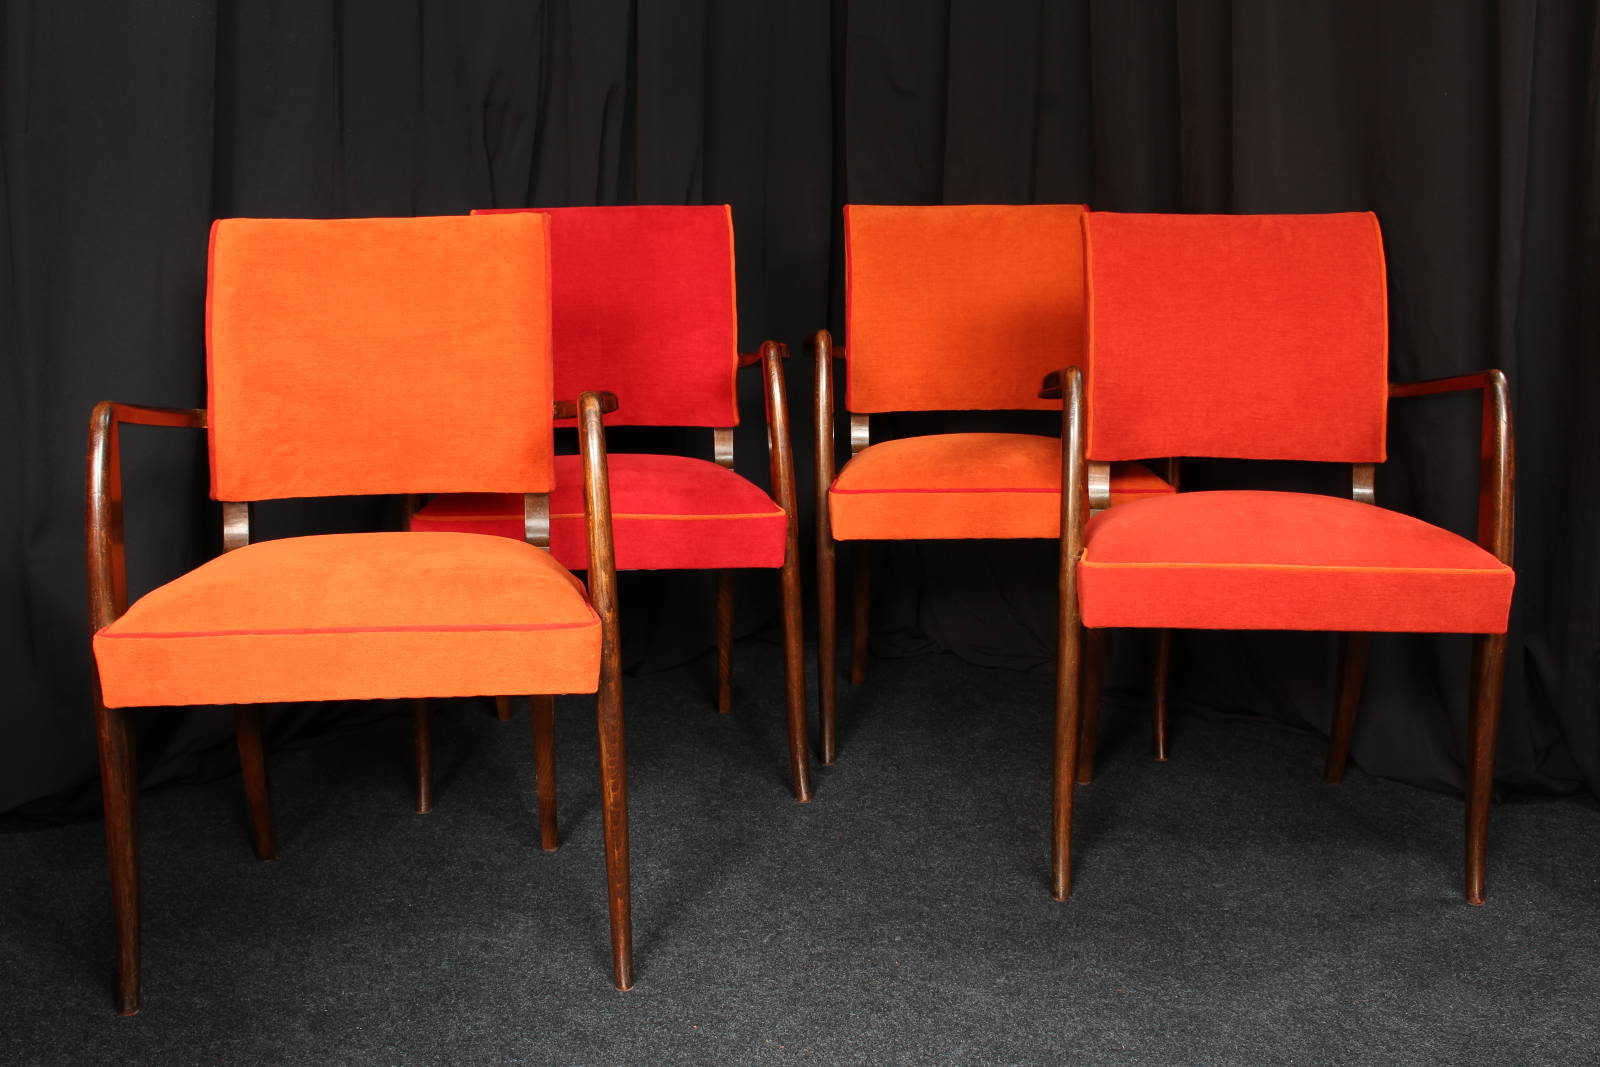 Restauration fauteuils Bridge années 50 - Métissage & Matières